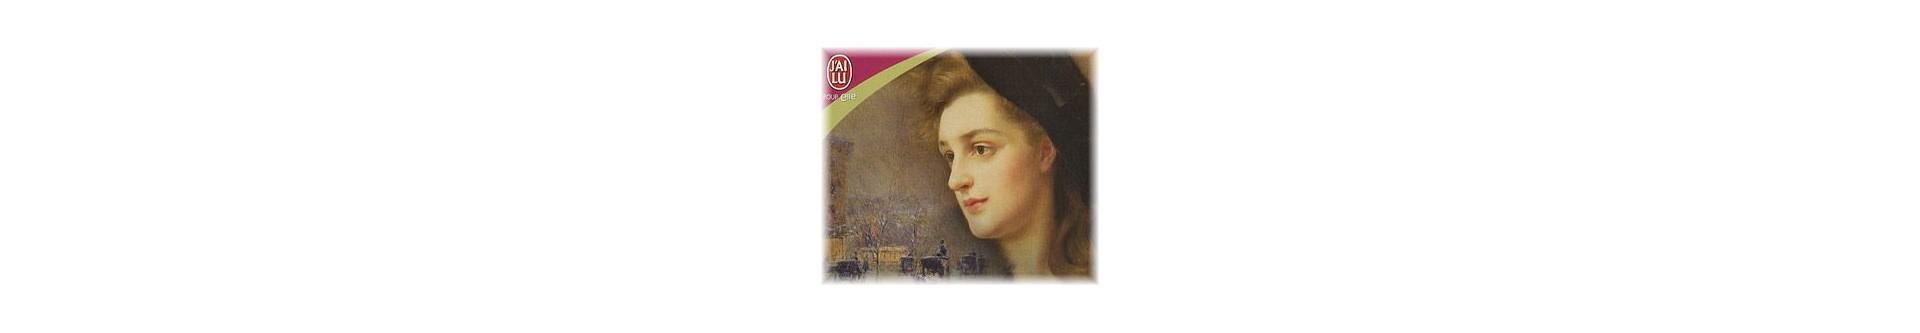 Romances historiques, fantastiques et contemporaines aux Editions J'ai lu